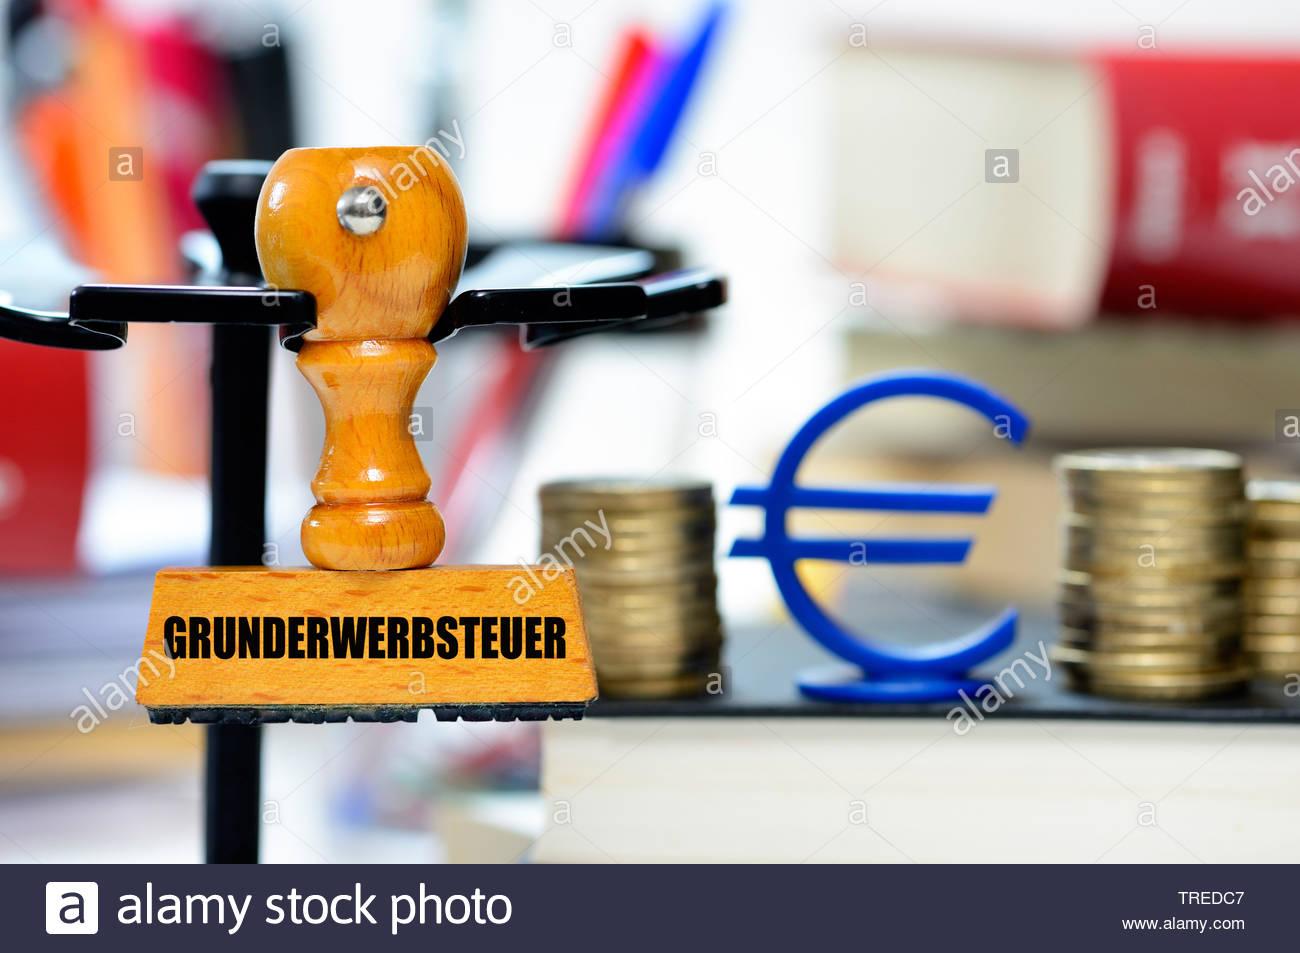 Stempel mit Aufschrift GRUNDERWERBSSTEUER vor einem Eurozeichen und Euro-Muenzen, Bundesrepublik Deutschland | Stamp lettering GRUNDERWERBSSTEUER (rea - Stock Image